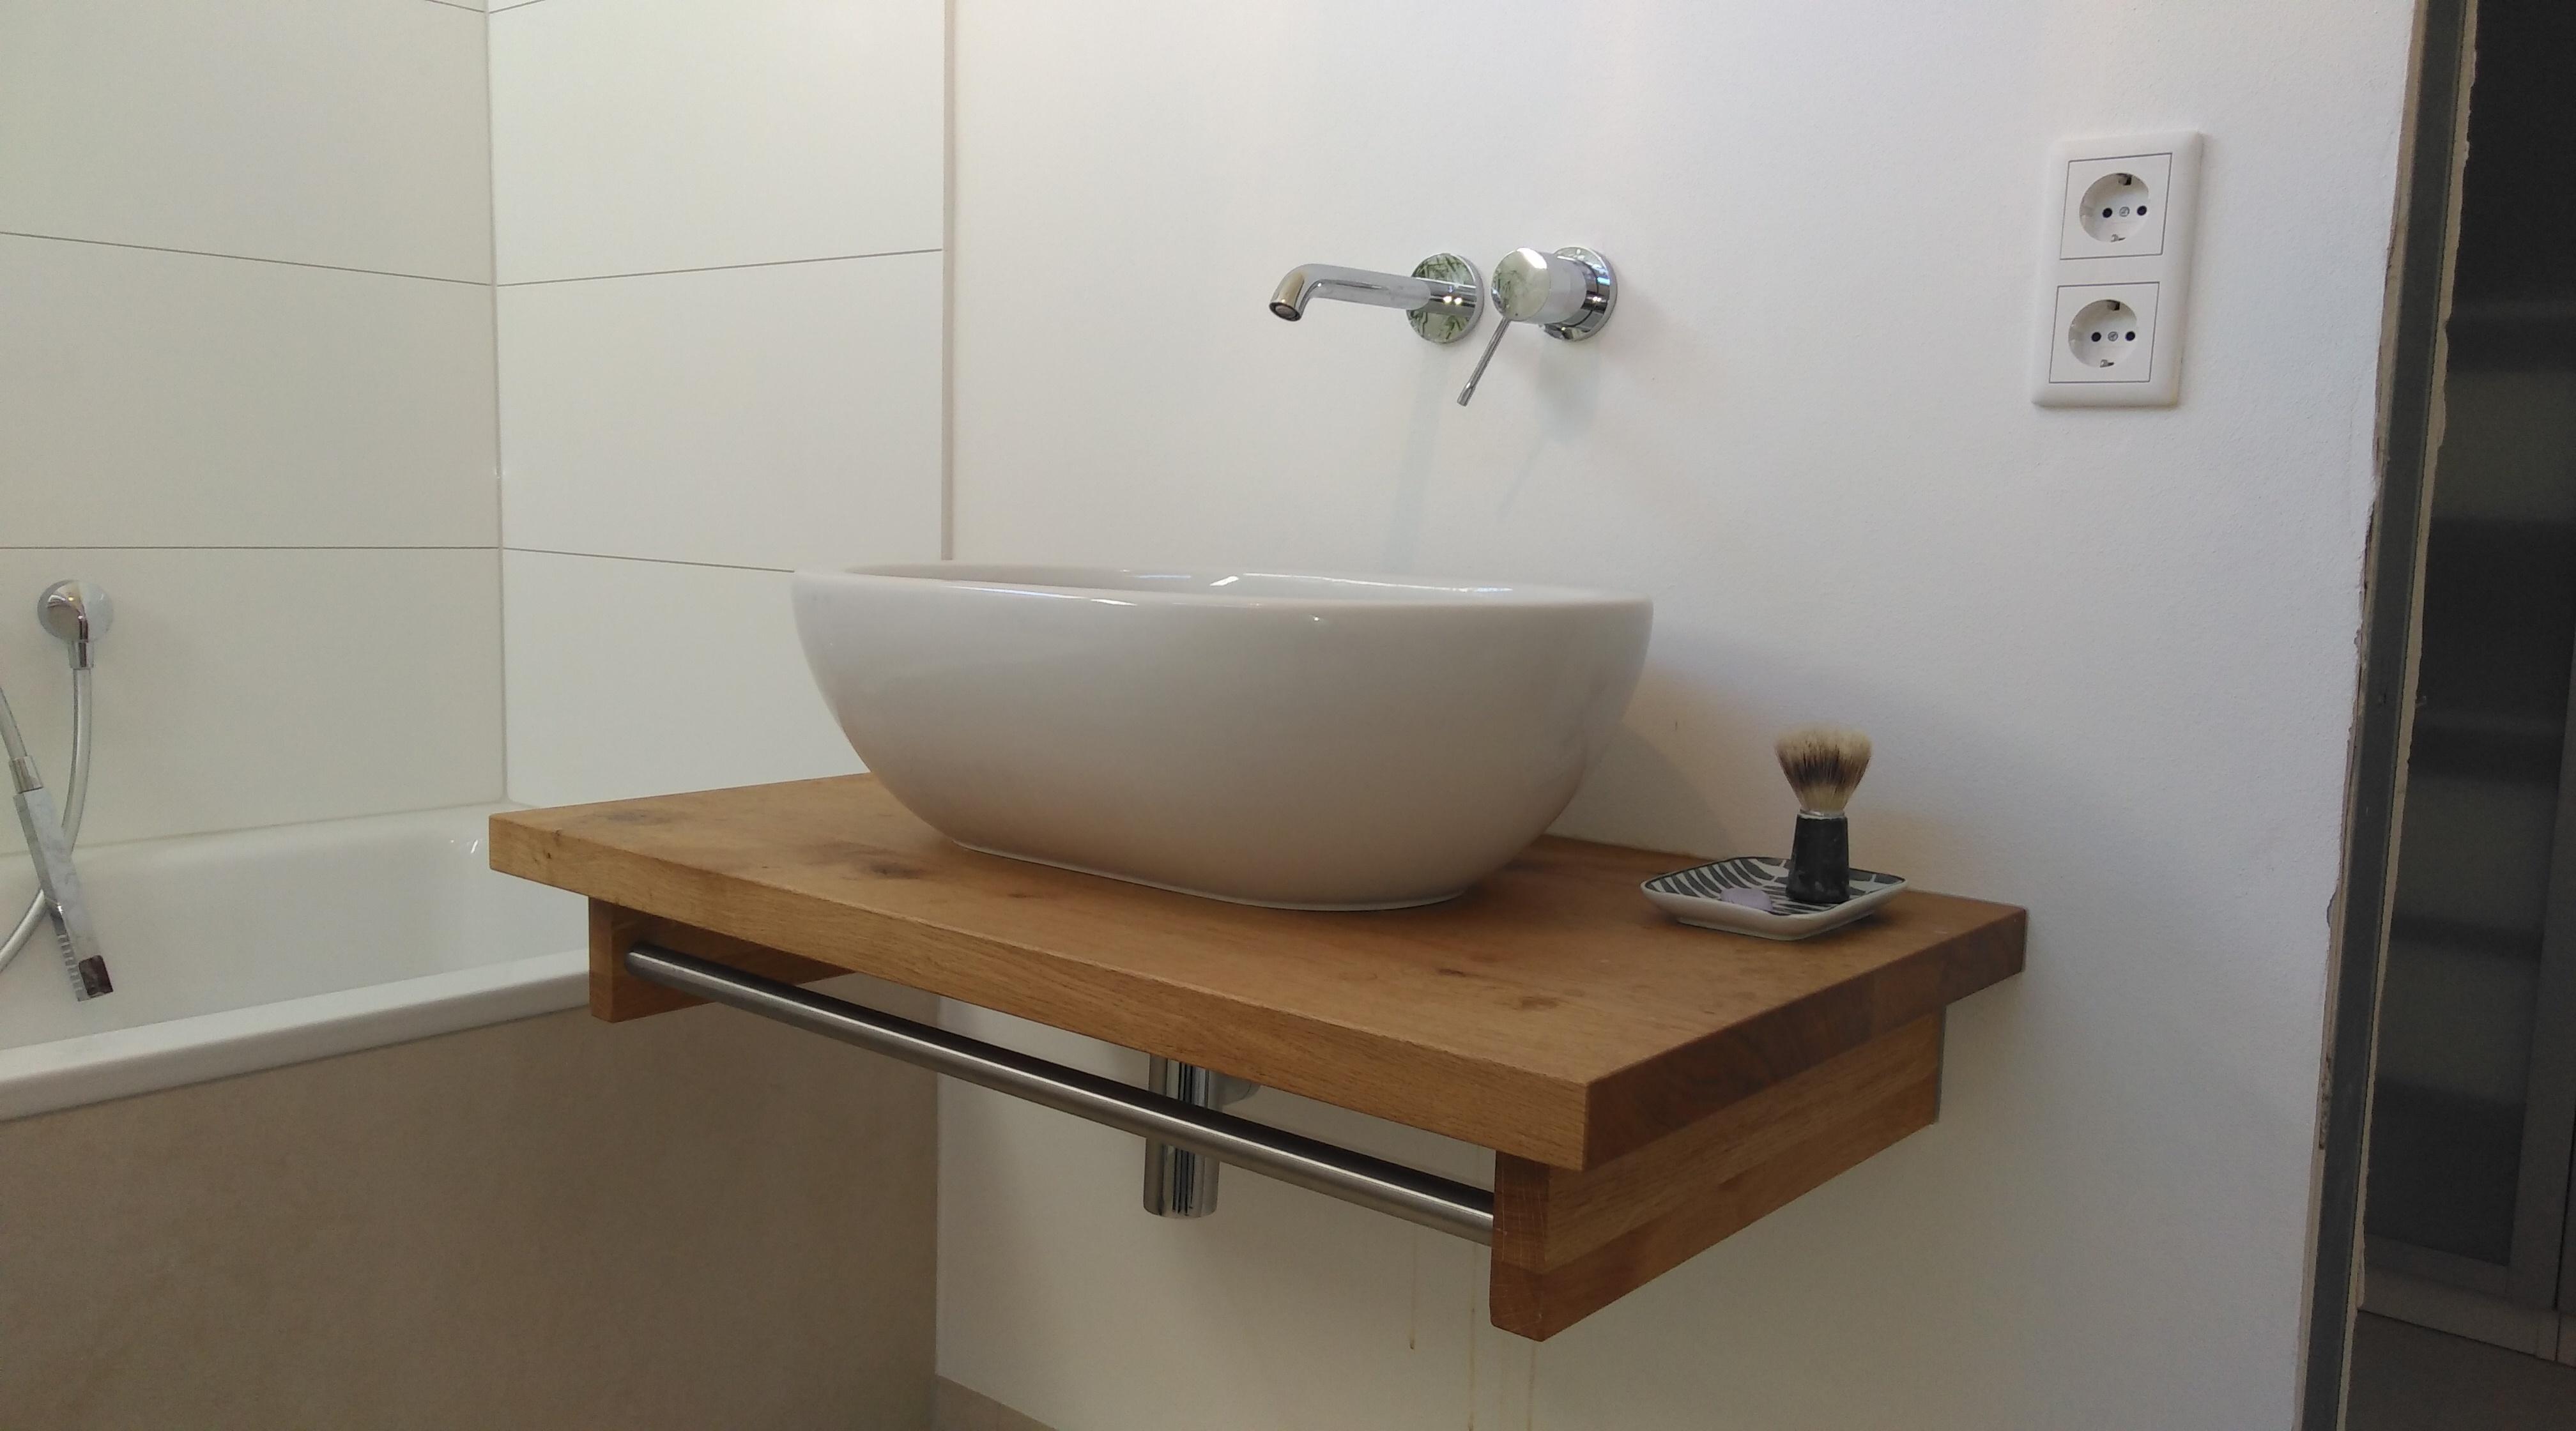 badezimmer und waschtische markus k hres ihre schreinerei in darmstadt f r hochwertige. Black Bedroom Furniture Sets. Home Design Ideas